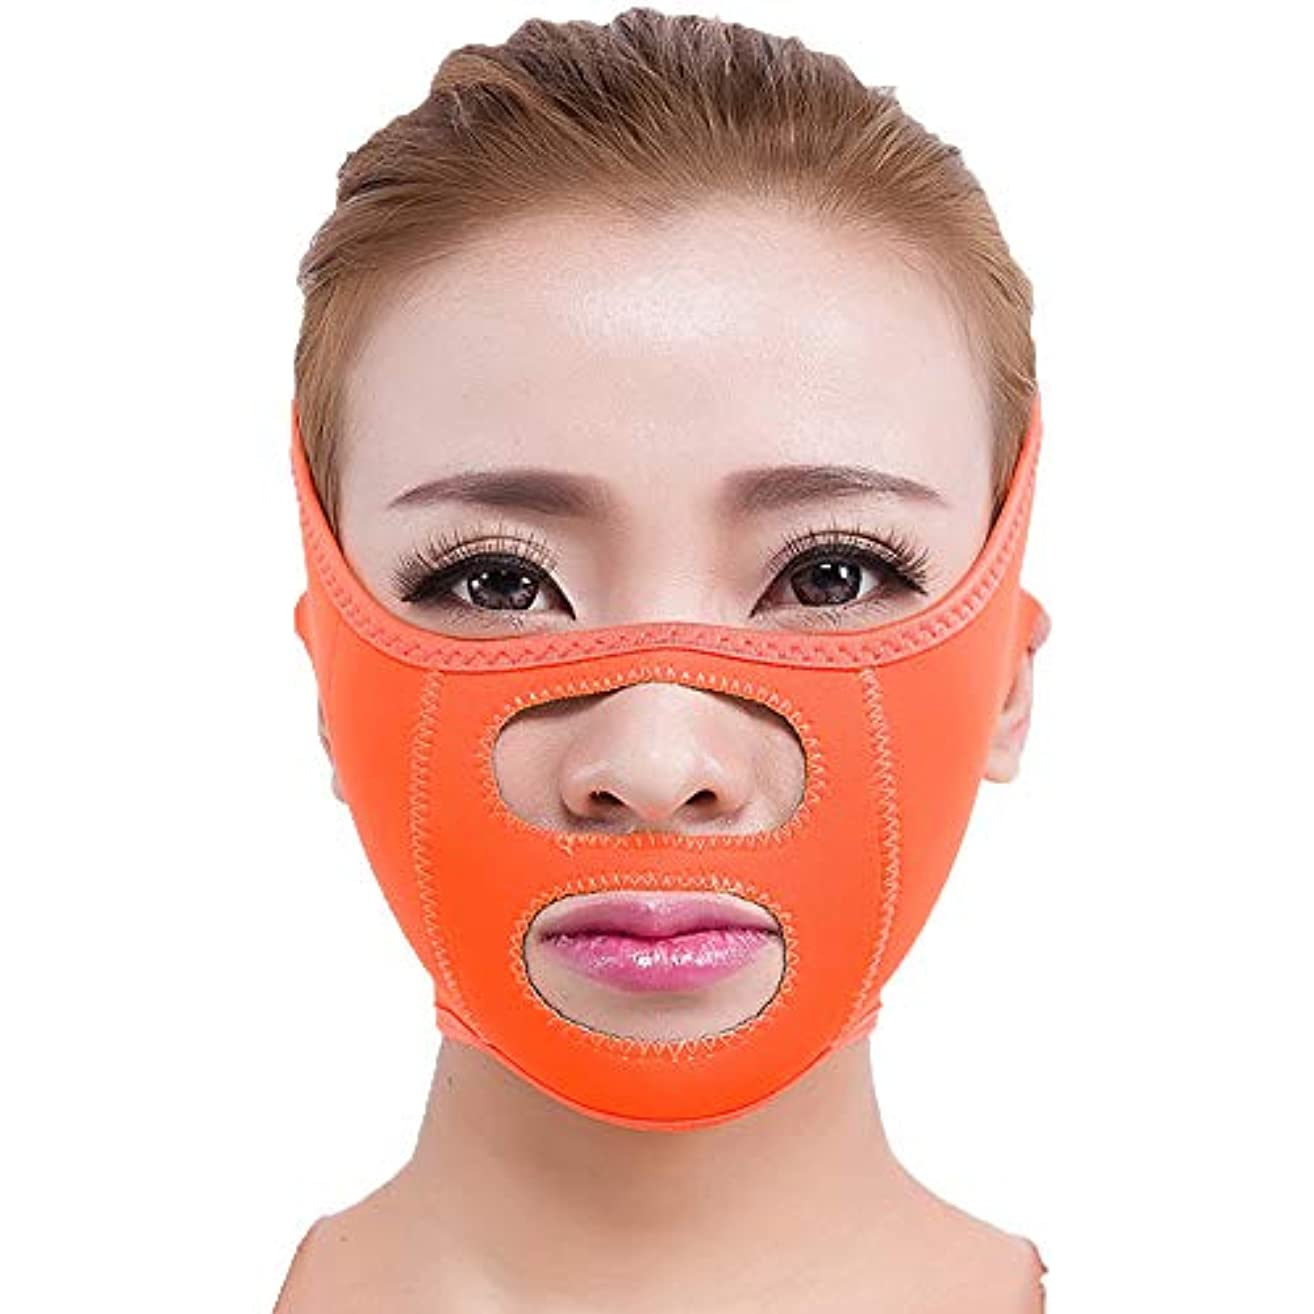 変換旋回燃やす二重顎の圧力低下装置、睡眠薄い顔のベルト小さなvの顔の器械の包帯マスク持ち上げる顔のステッカー,Orange